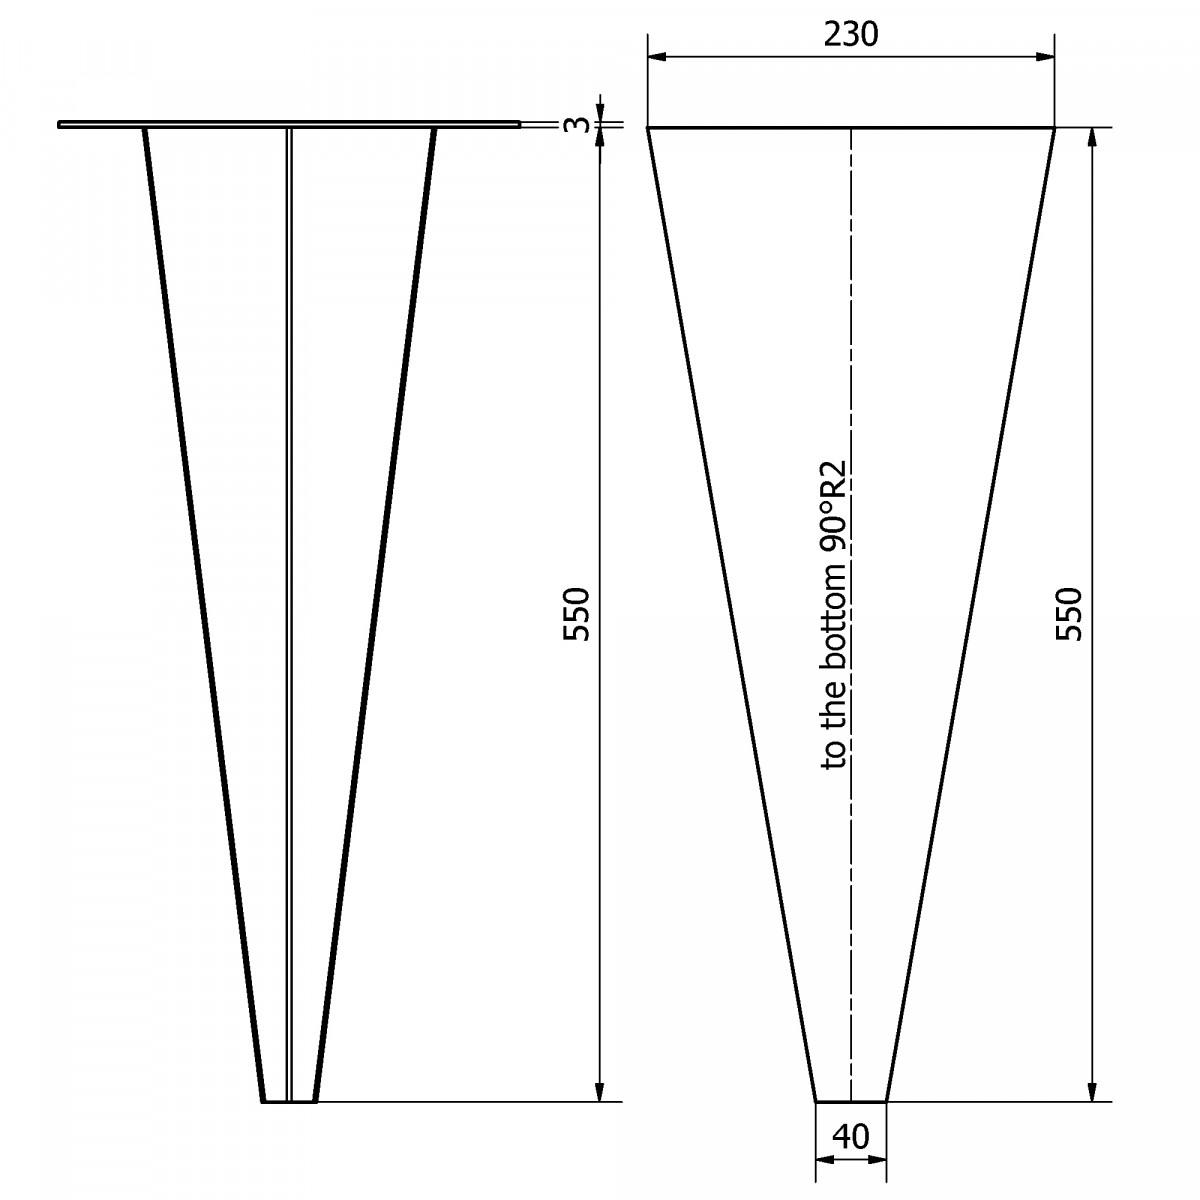 Spie 2 (5819) - KS Verlichting - Montage en verankering